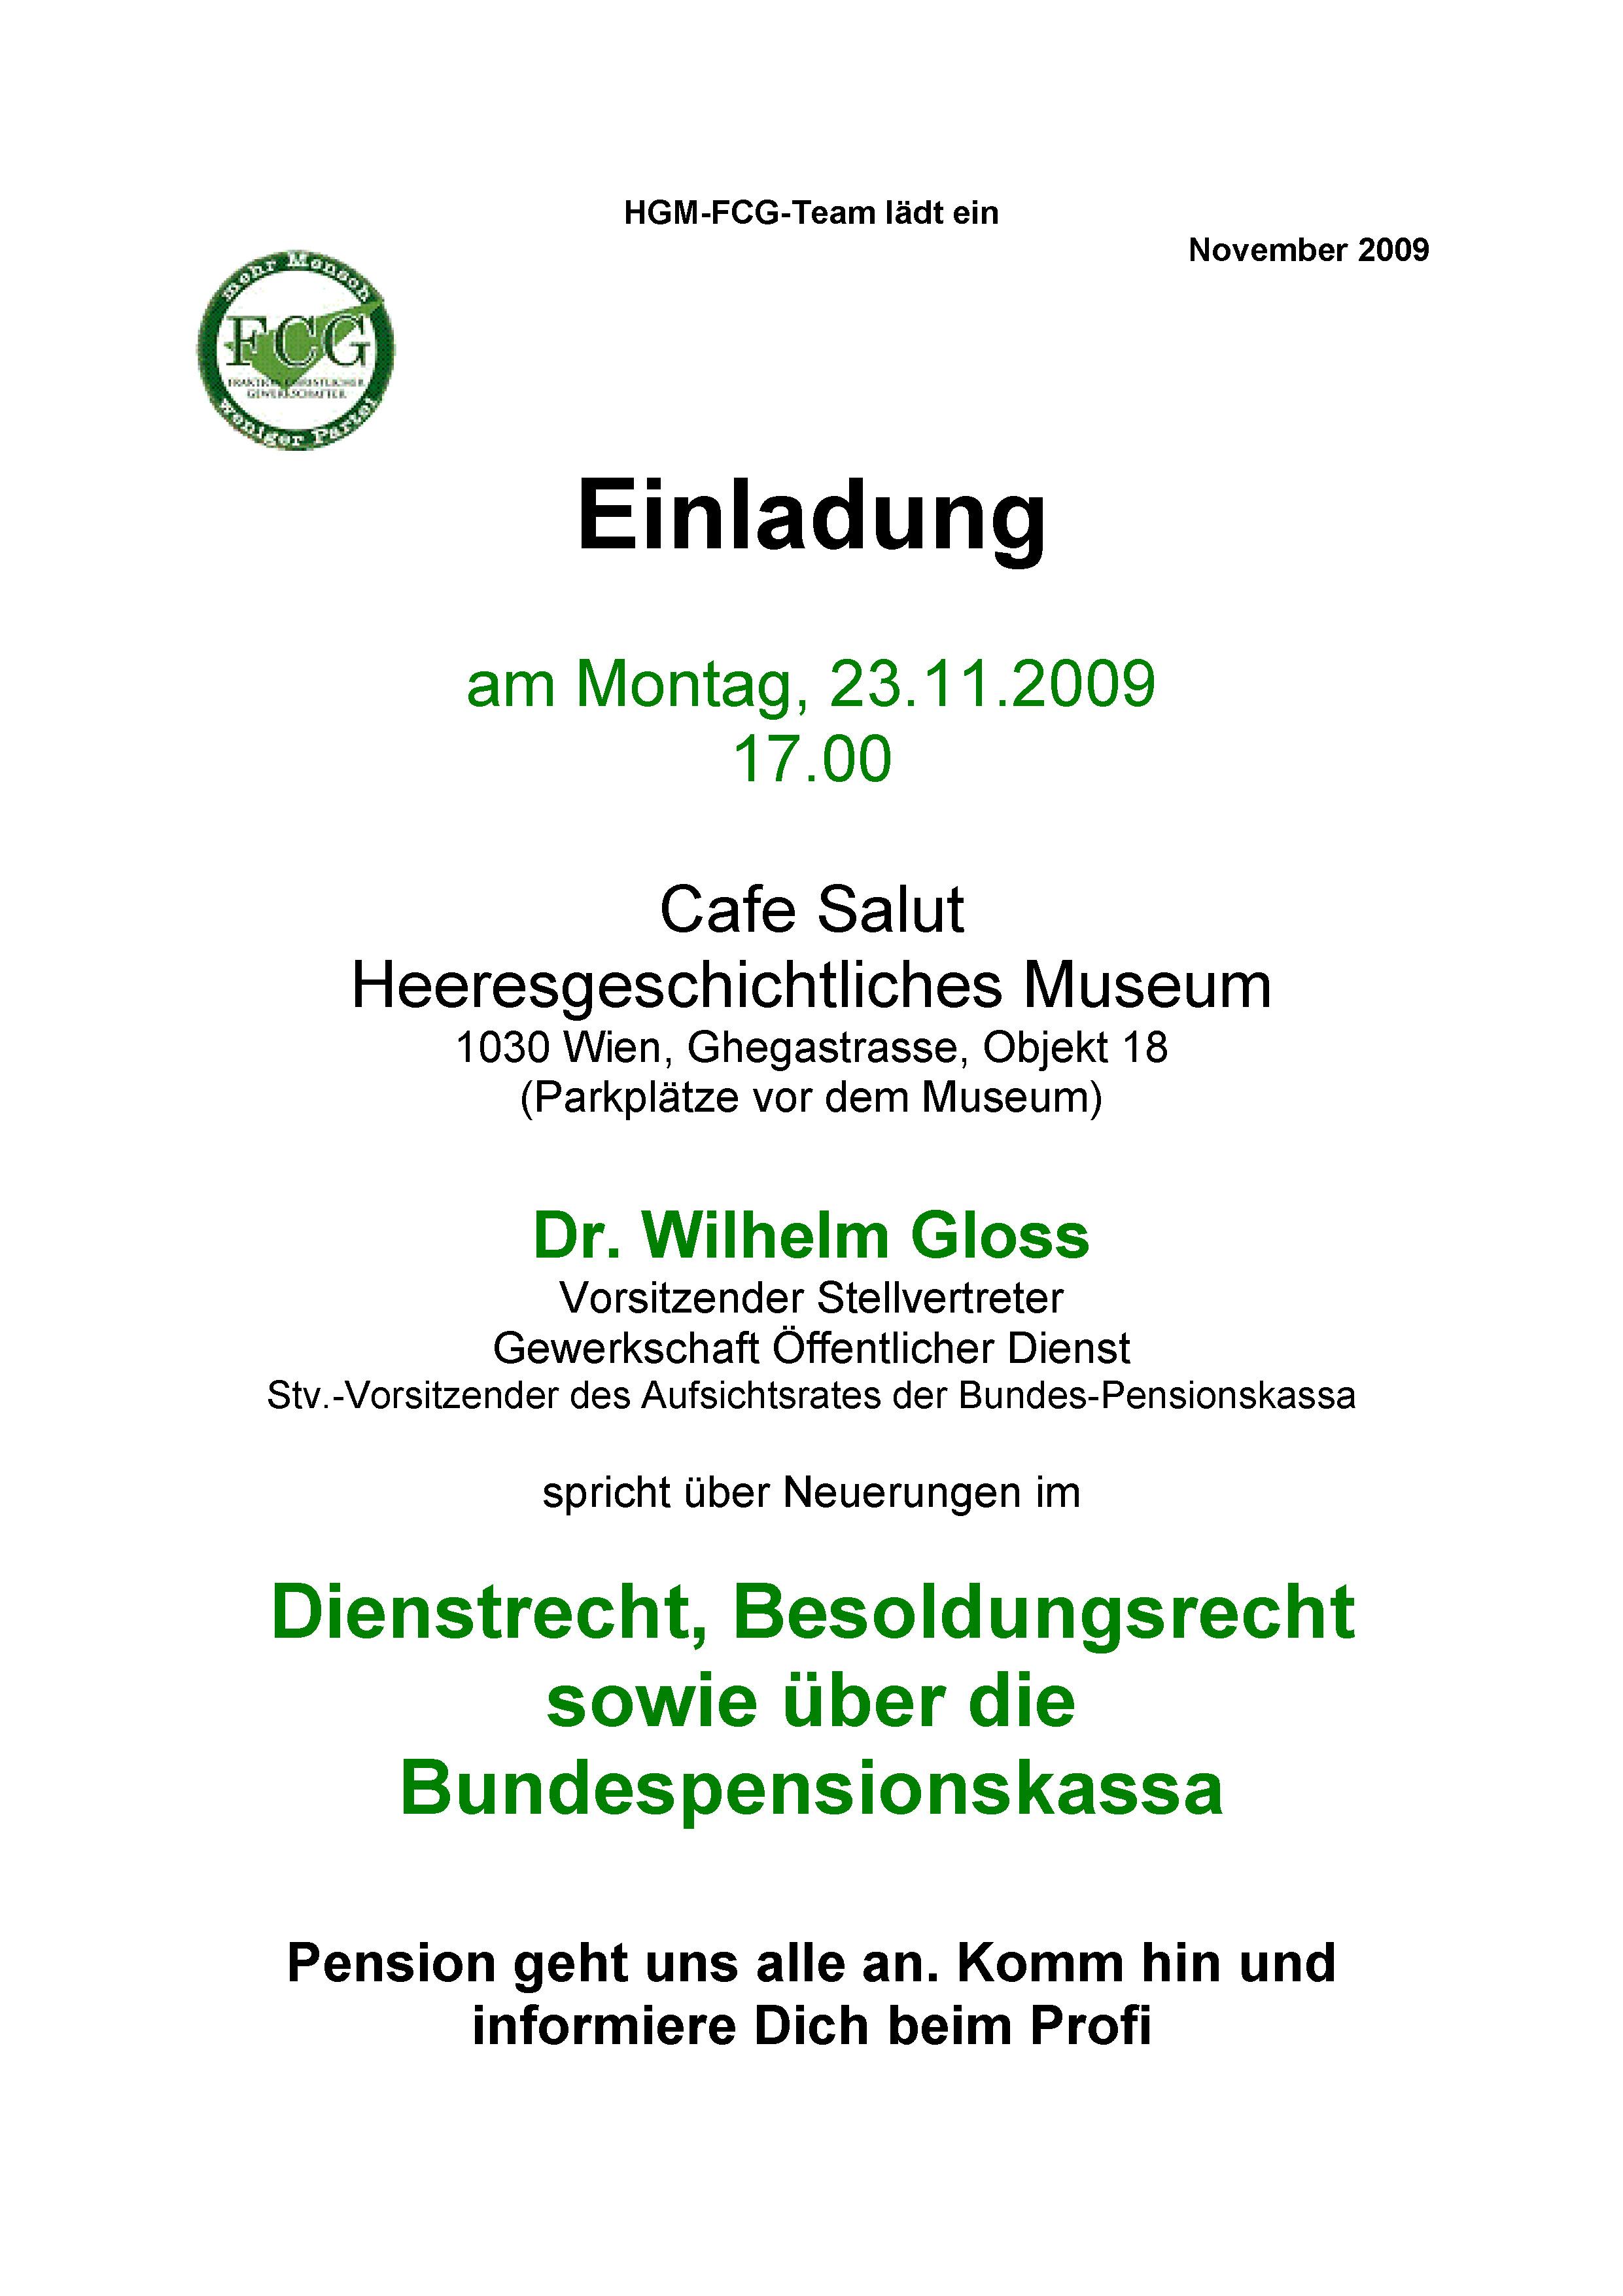 HGM: Vortrag Dr. Wilhelm GLOSS; 23. November 2009, 17:00 ...